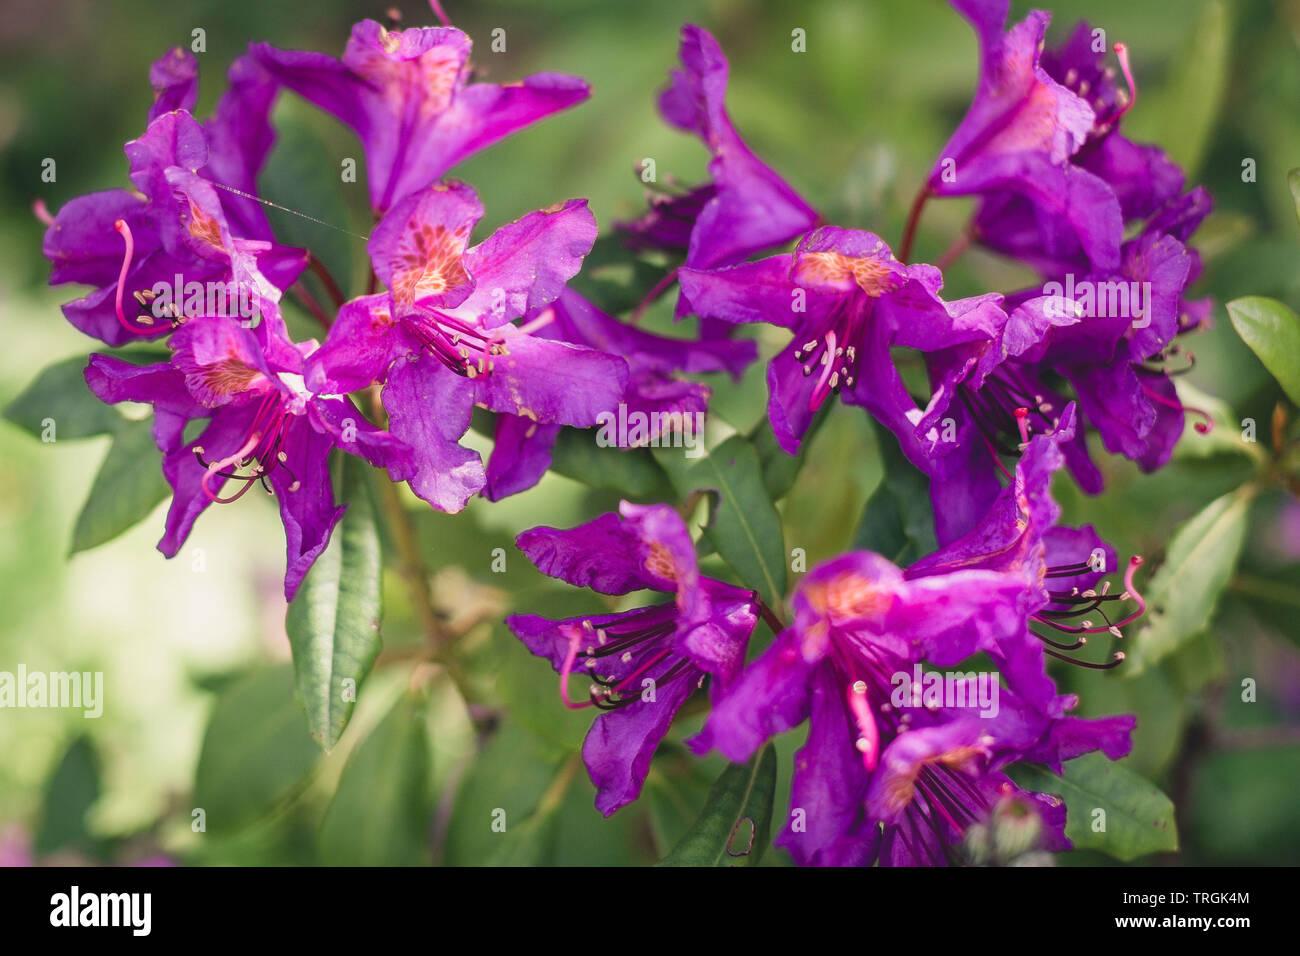 lila Rhododendron im Garten / purple rhododendron in garden - Stock Image